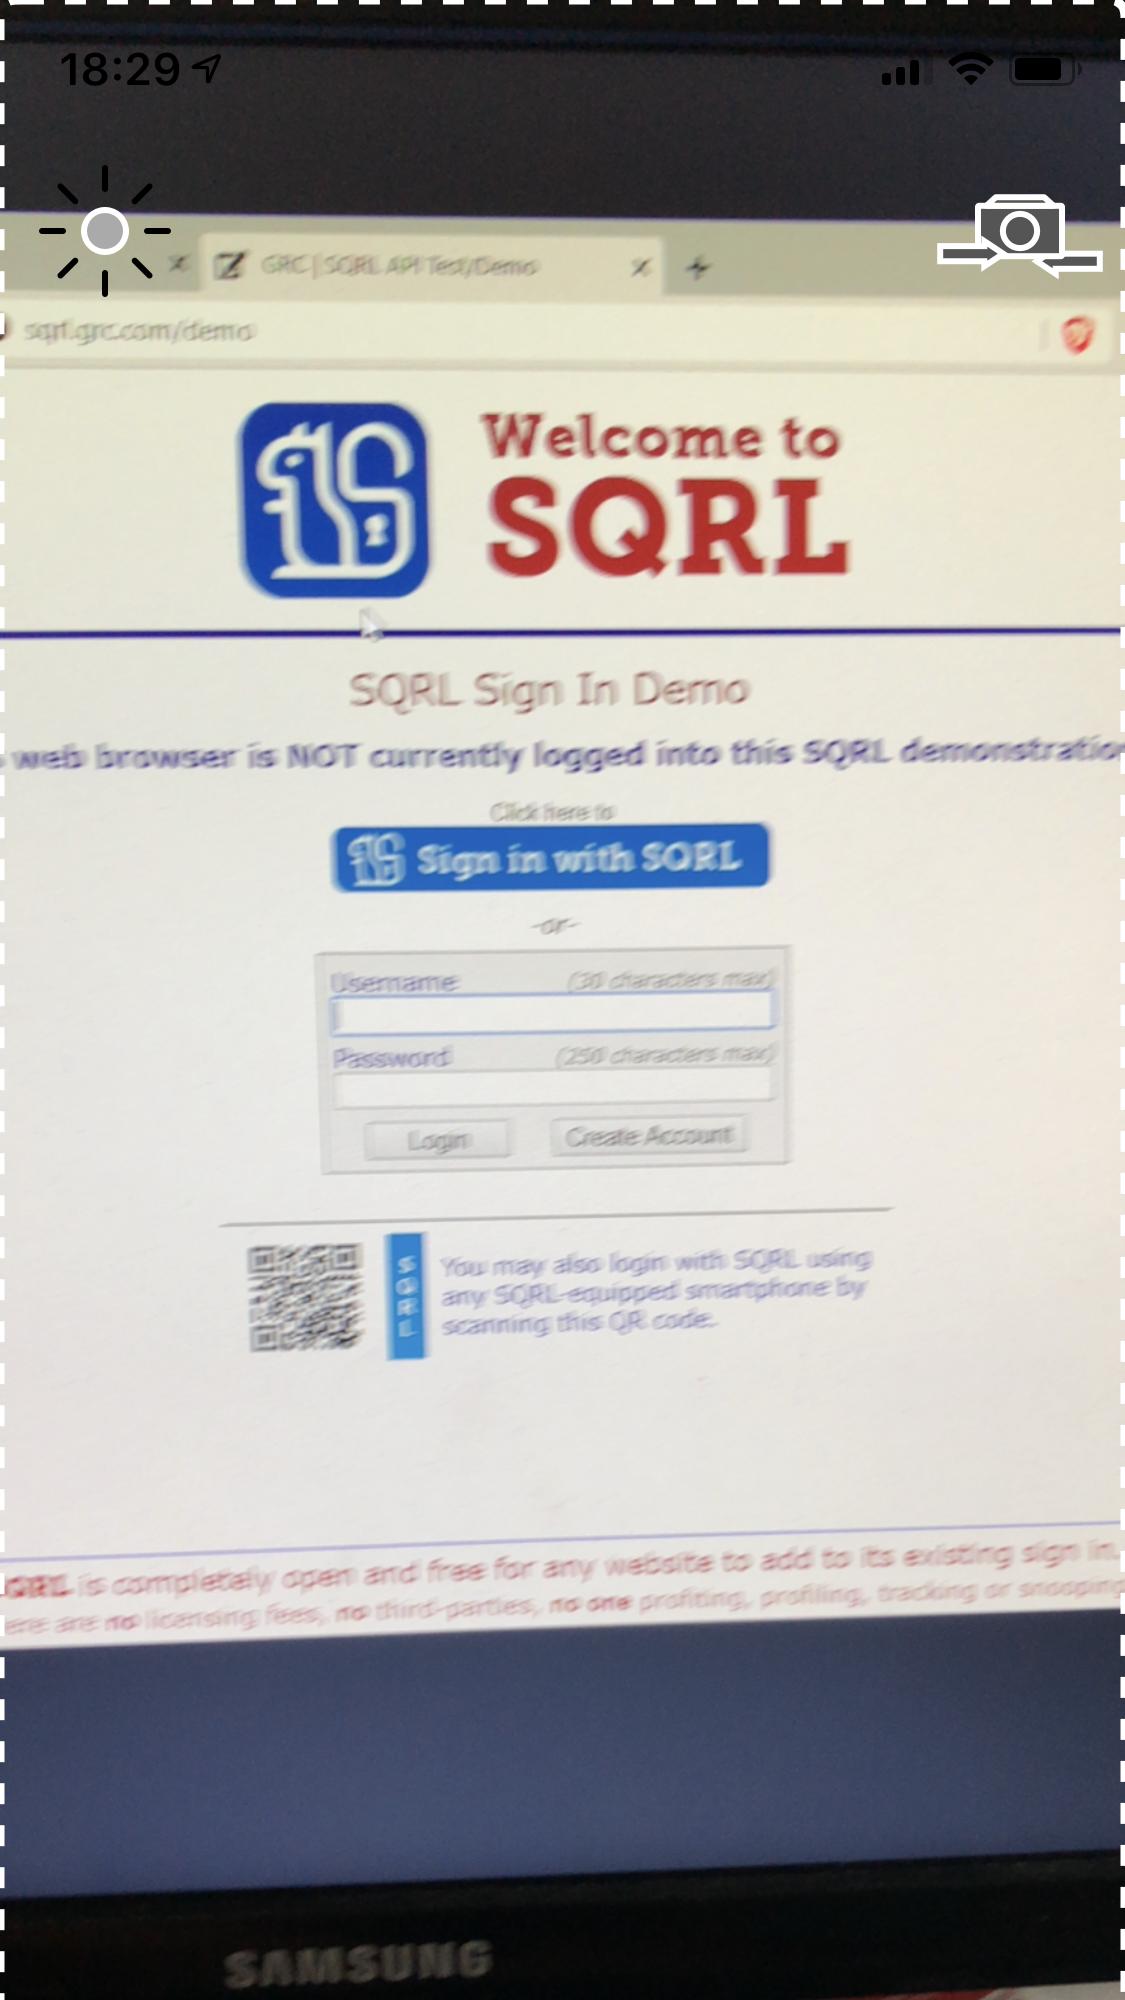 Scannez le QR code qui s'affiche sur l'ordi avec votre smartphone (ici un iPhone) pour lancer l'identification SQRL. (cliquez pour agrandir)